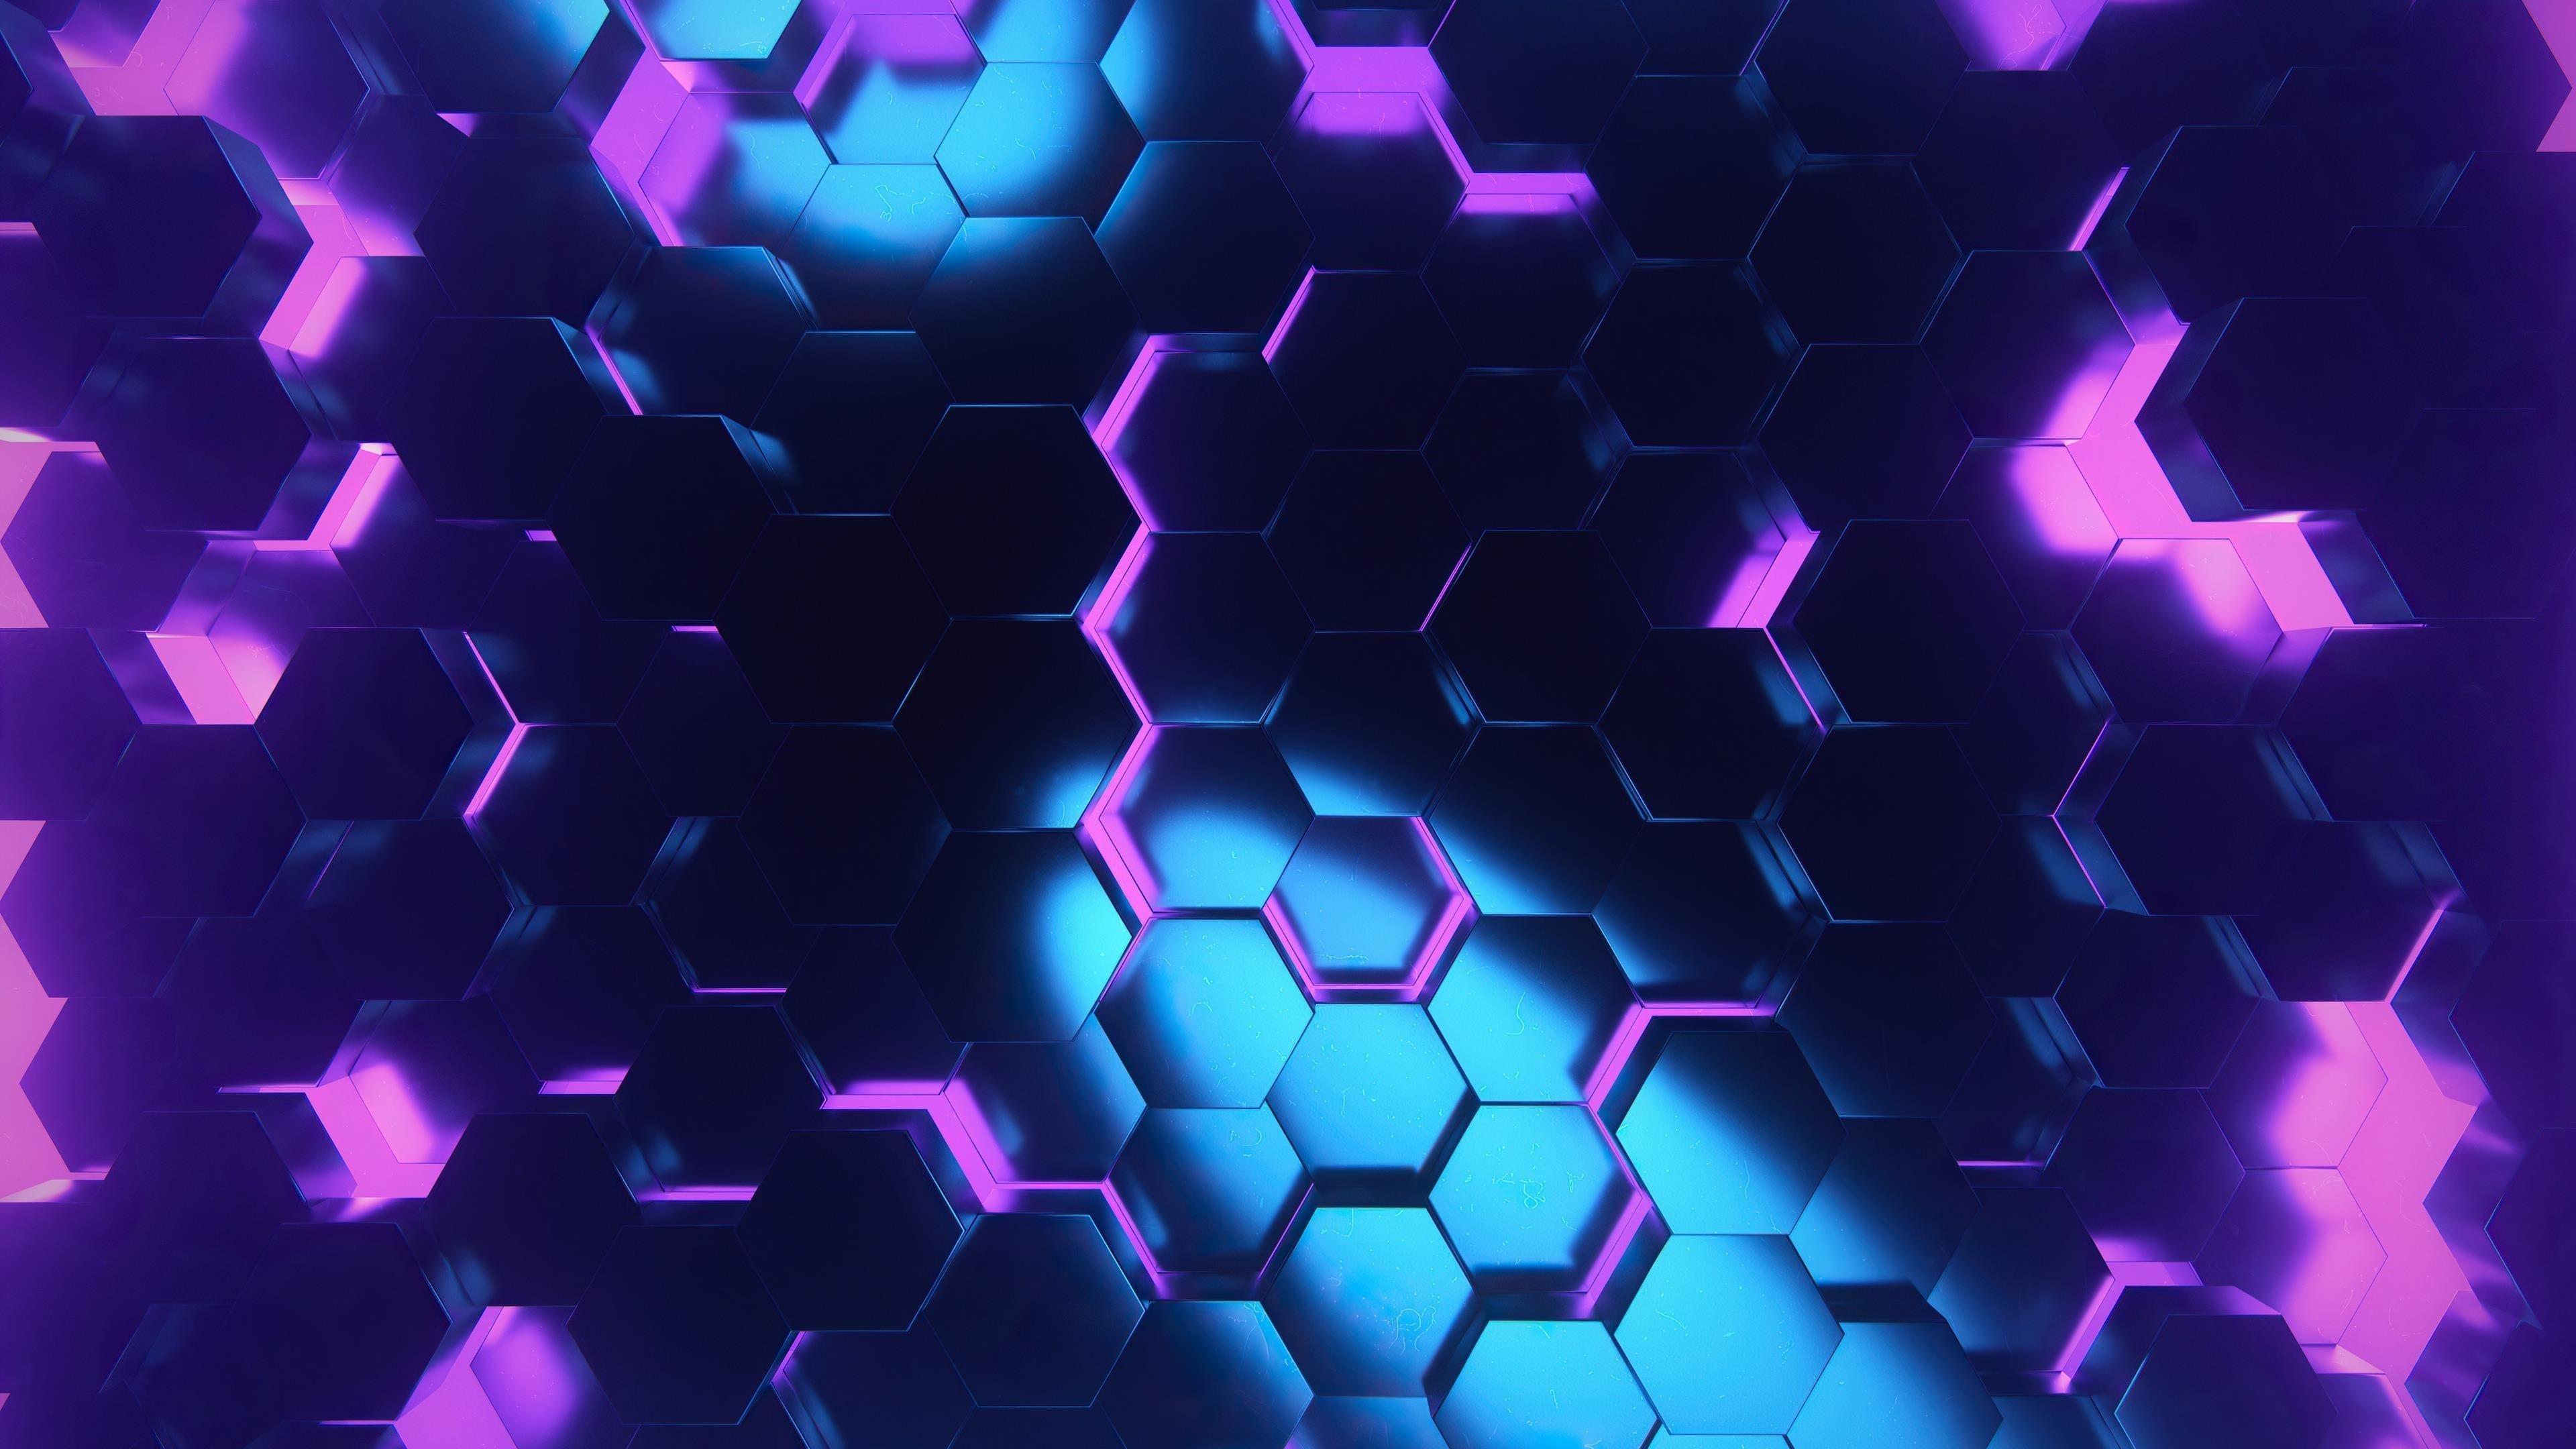 Розово-голубой шестиугольник абстрактный обои скачать